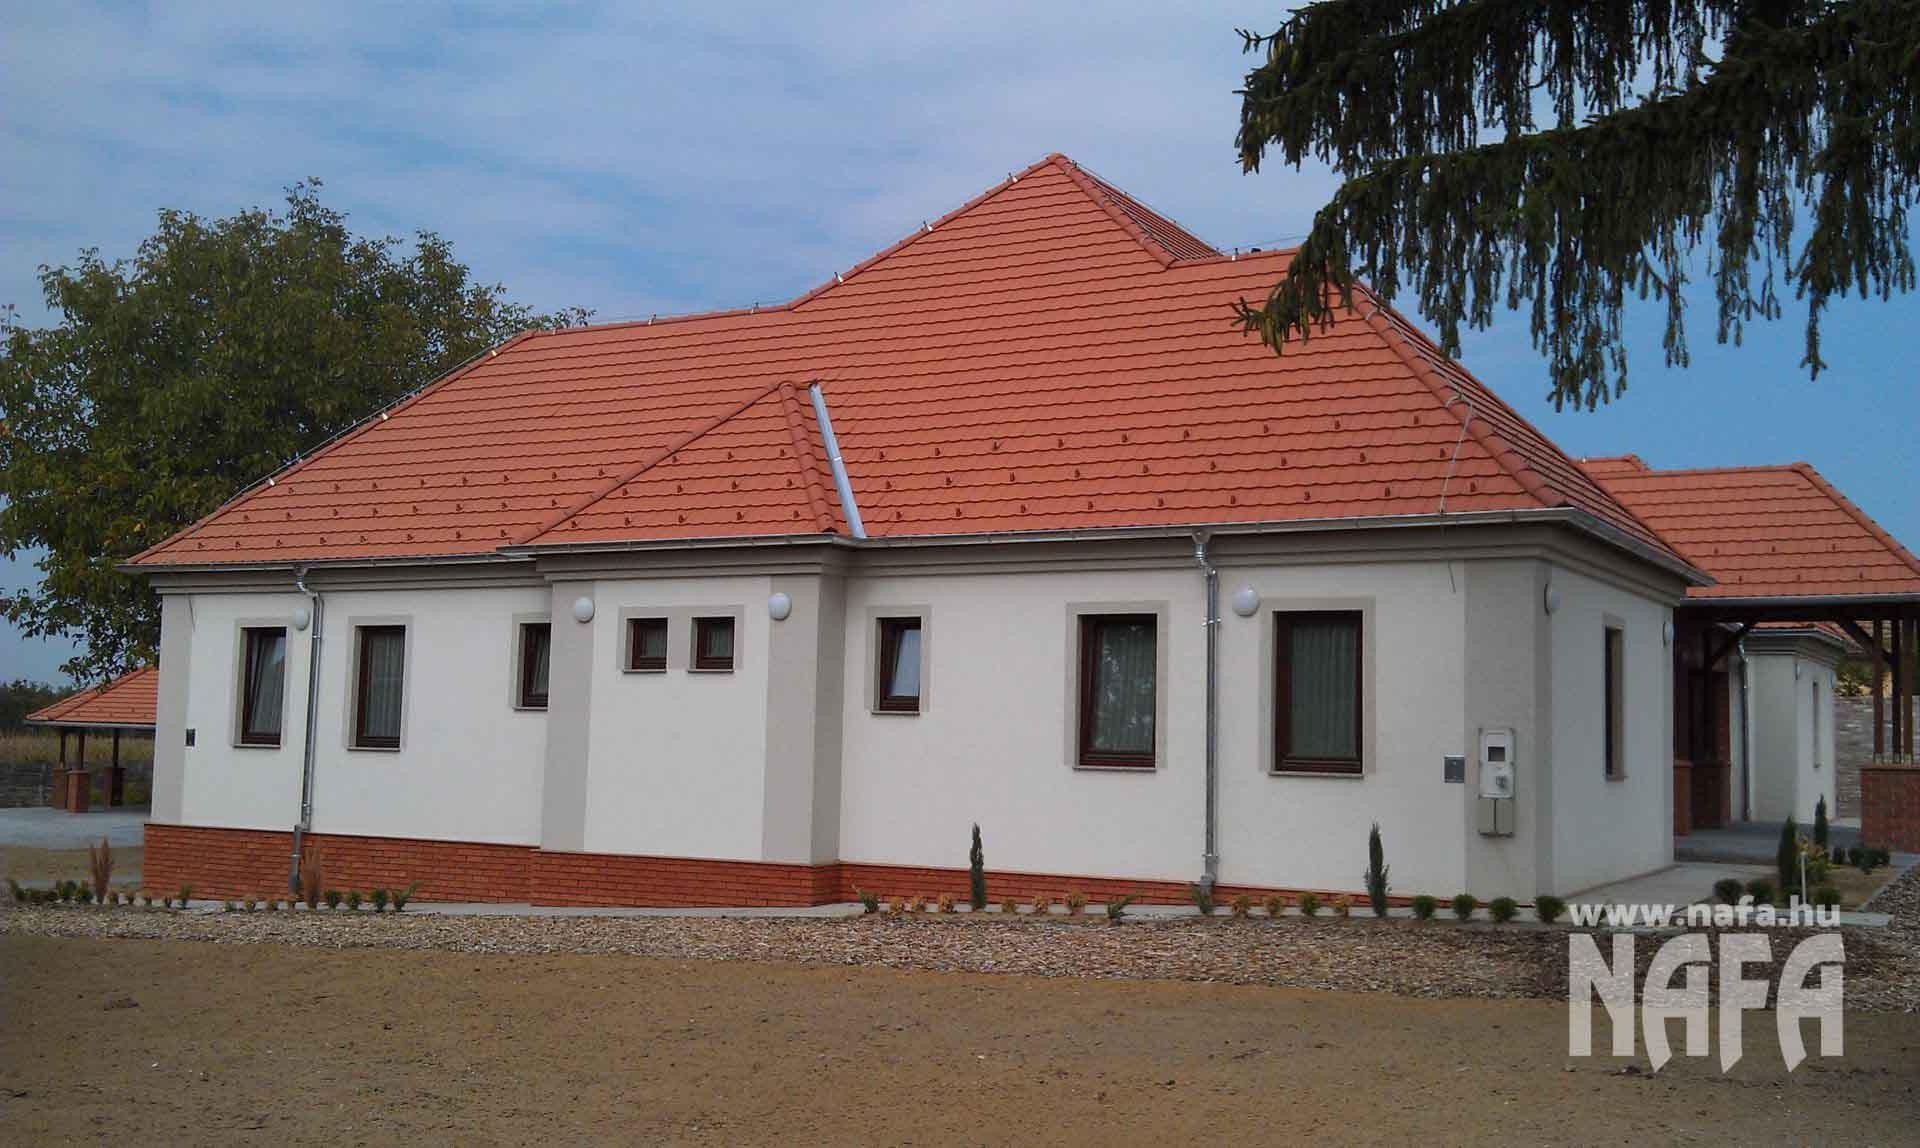 Fa nyílászárók, egyedi festett ablakok, Somogyszob Iskola